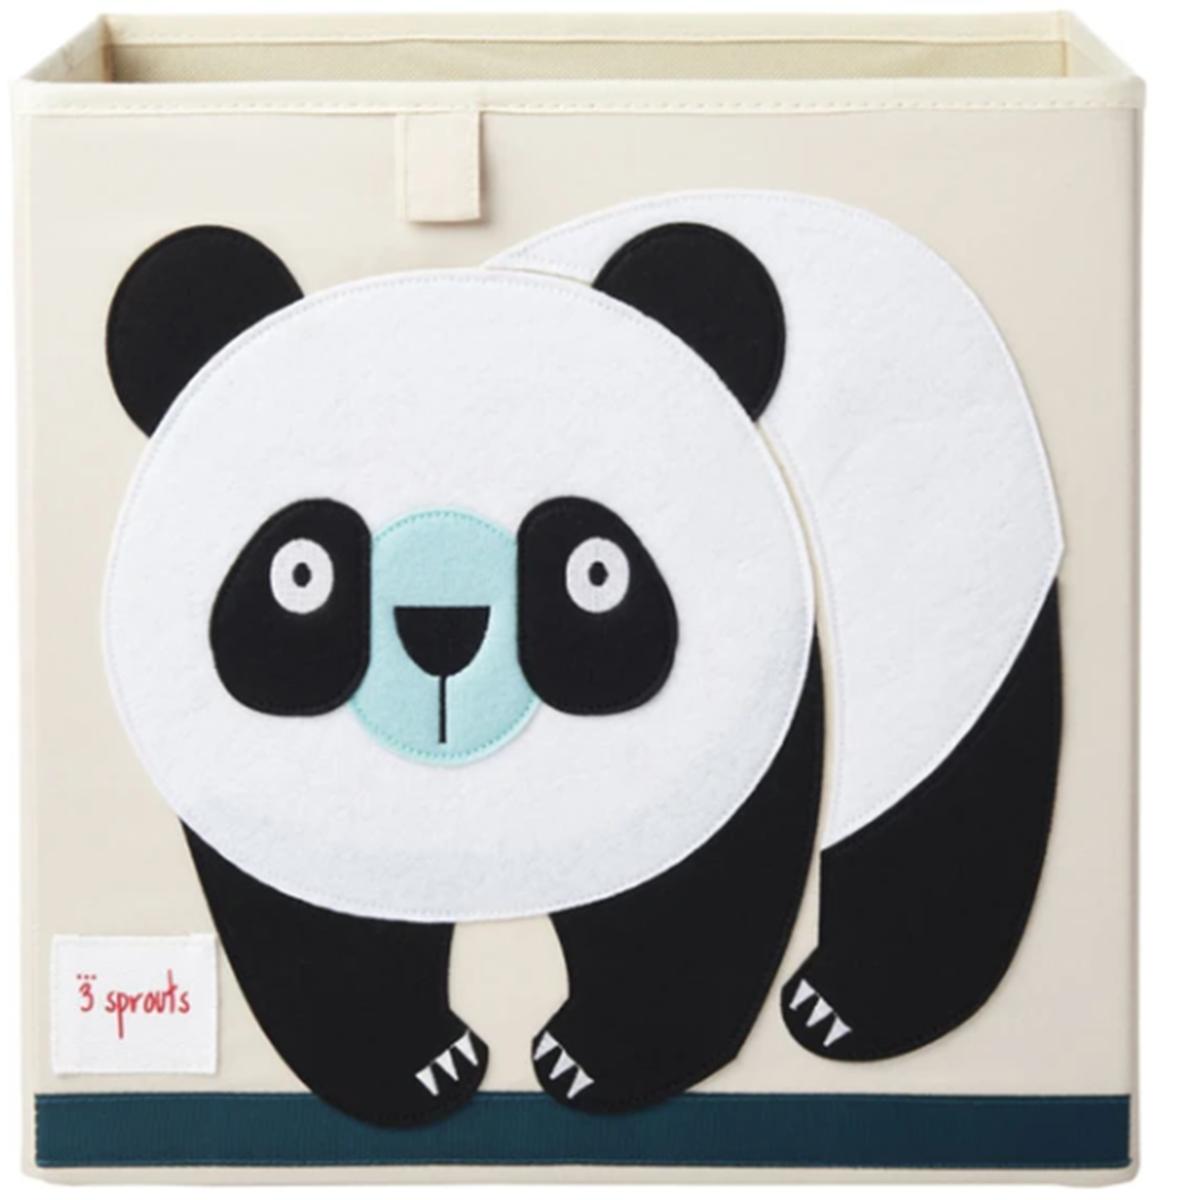 3 Sprouts Oppbevaringskasse, Panda